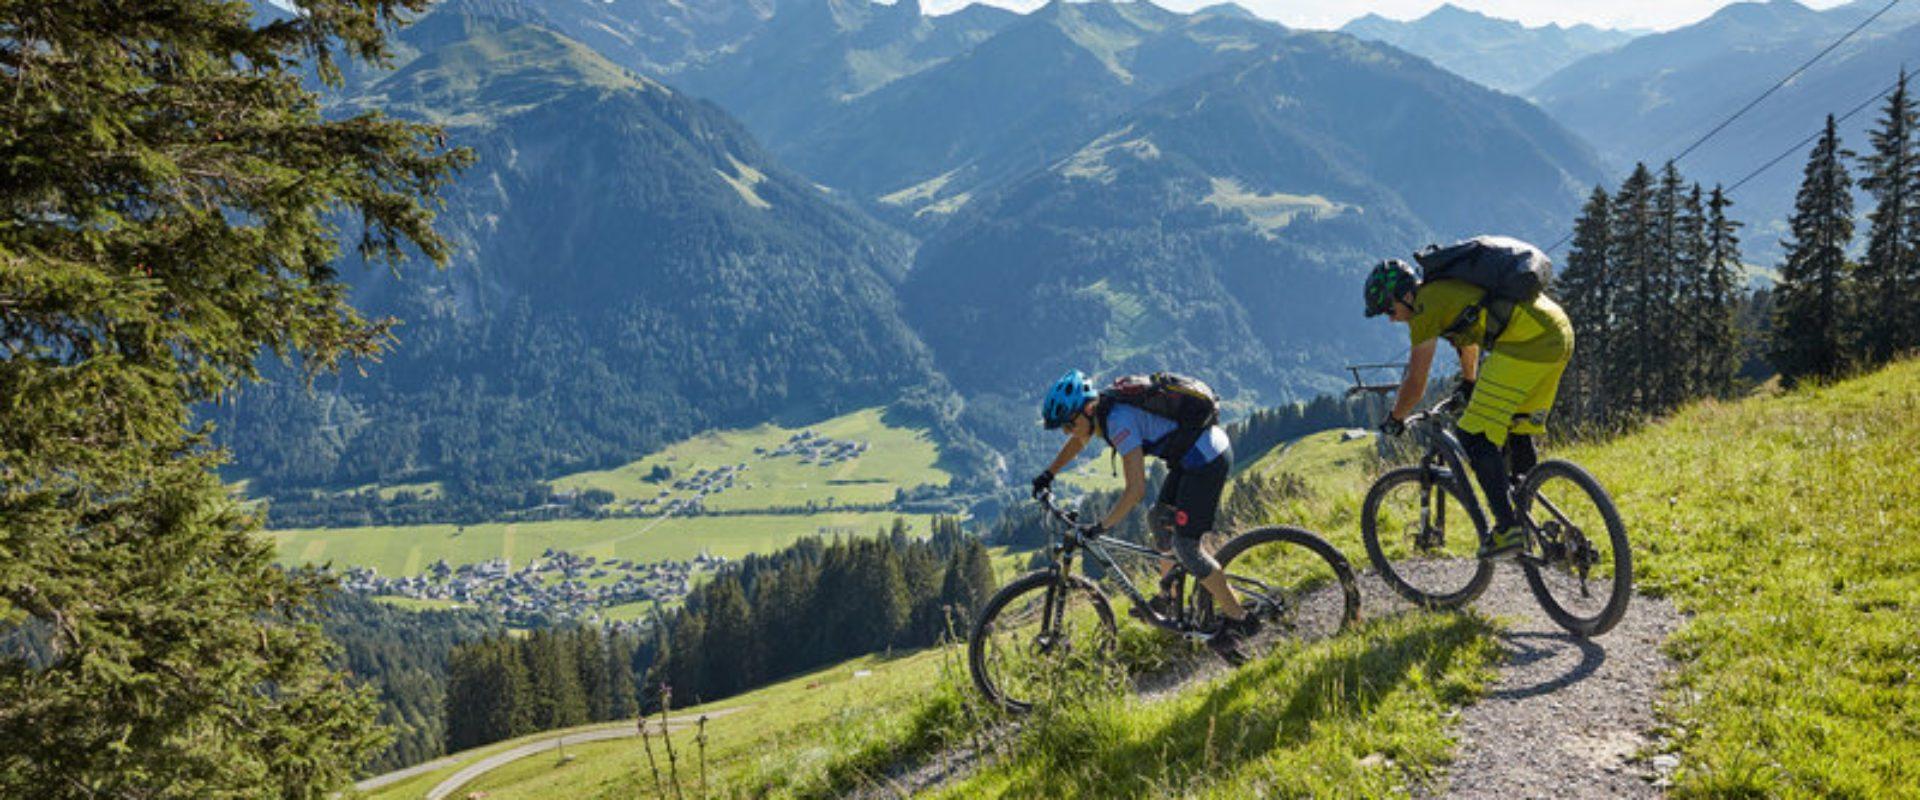 Mountainbike Au-Schoppernau (c) Adolf Bereuter - Bregenzerwald Tourismus